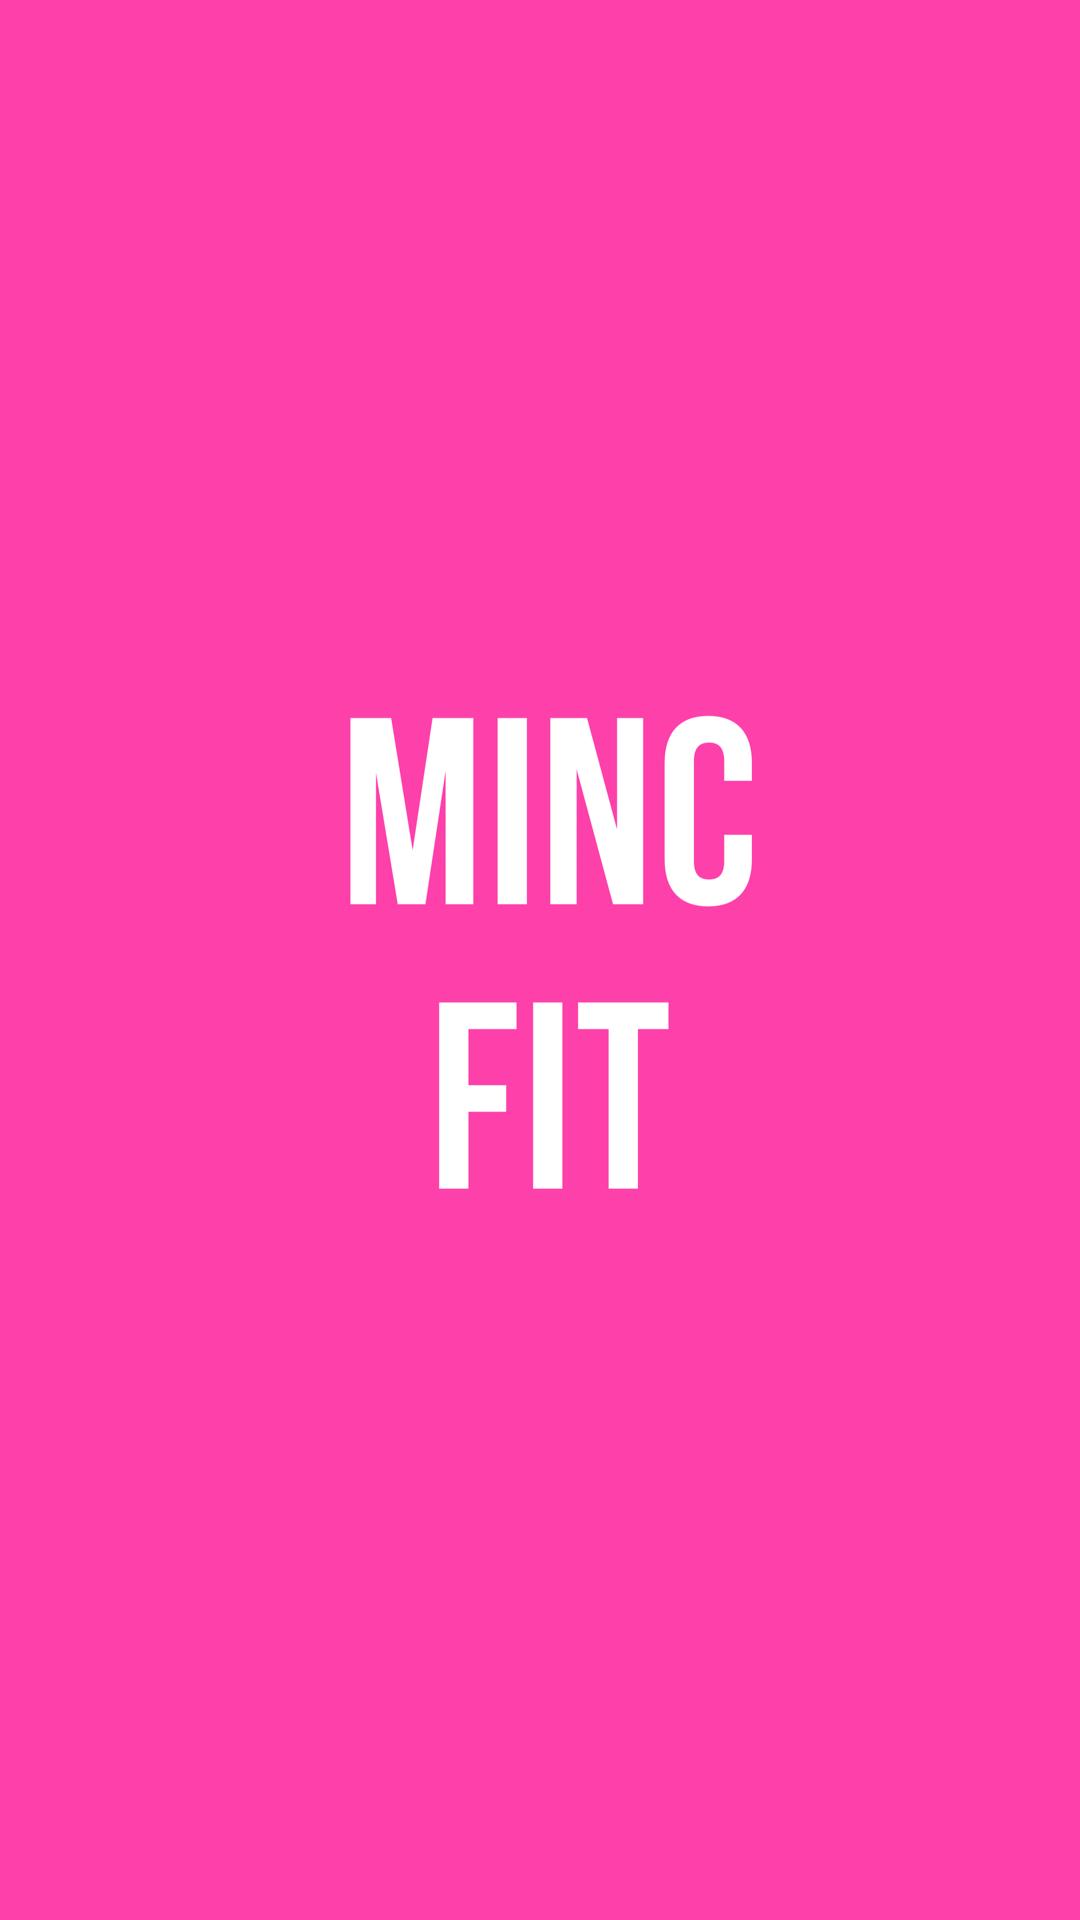 Minc fit